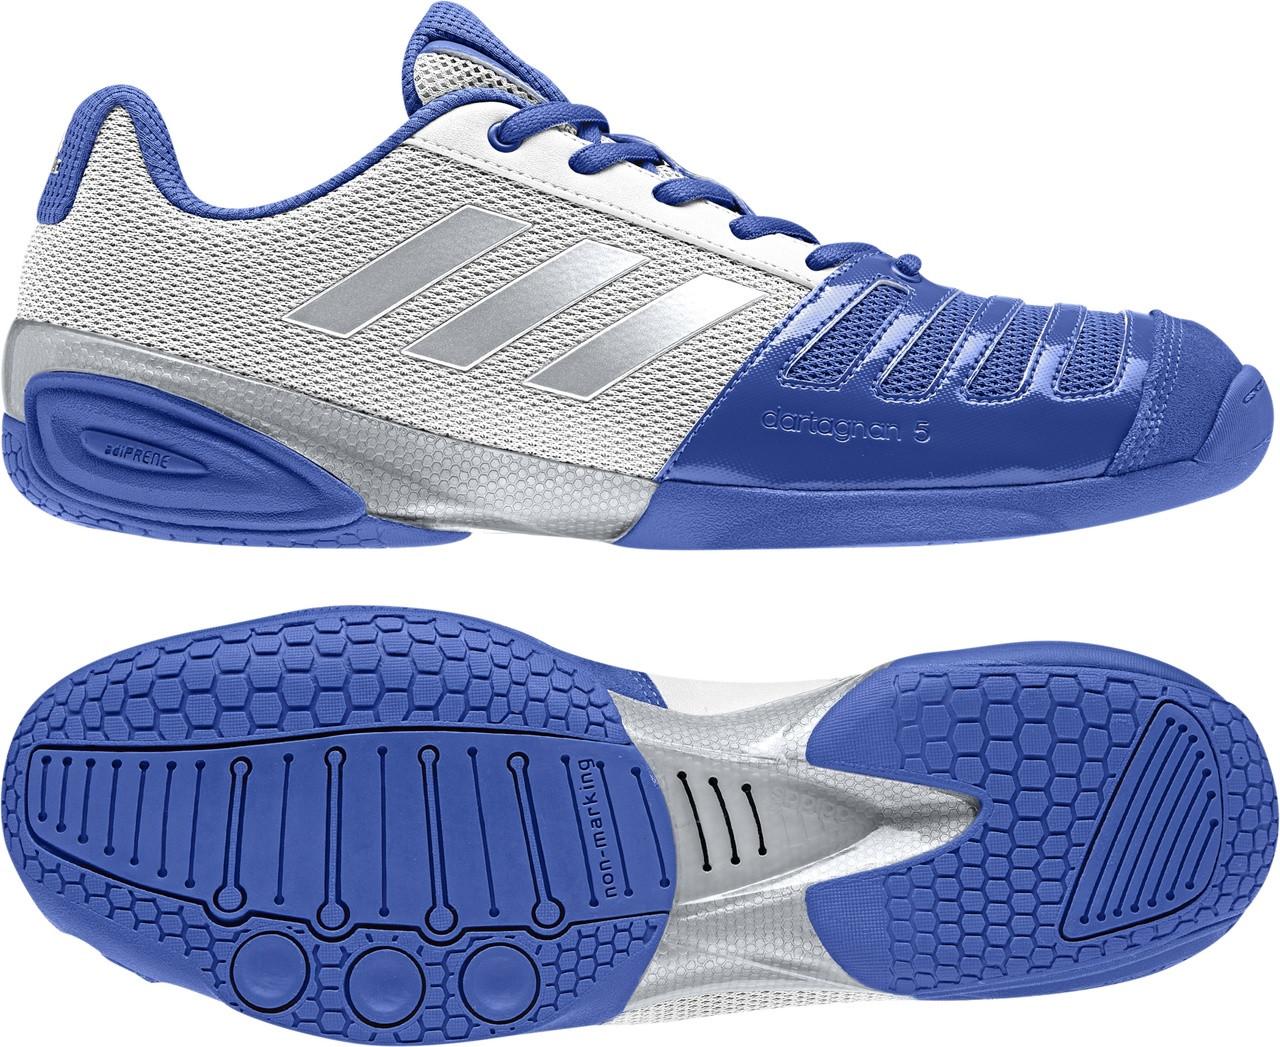 d2f02e18d0e Fencing Shoes -Adidas 2018 D Artagnan V BLUE - NEW!! - The Fencing Post